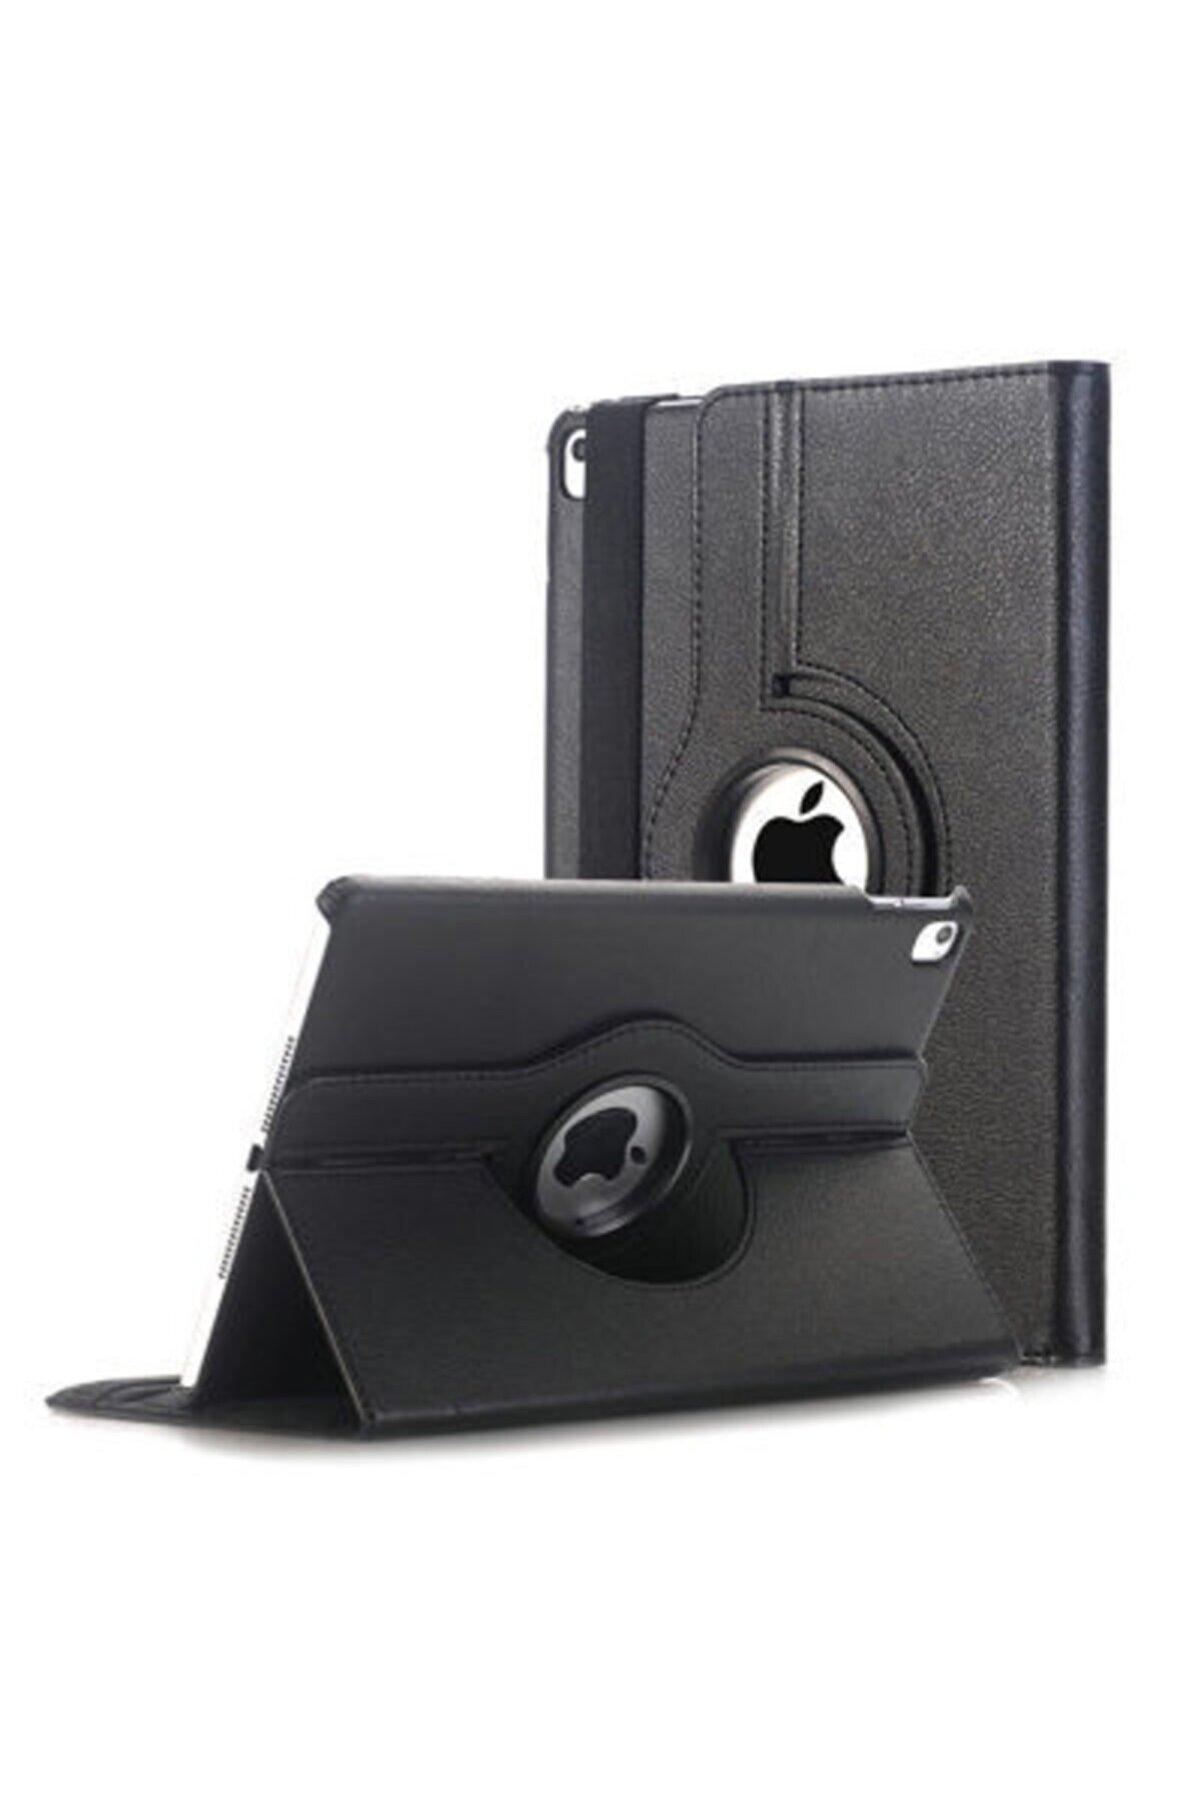 Apple Ipad Air 3 10.5 Tablet Kılıfı 360 Dönebilen Standlı Kılıf